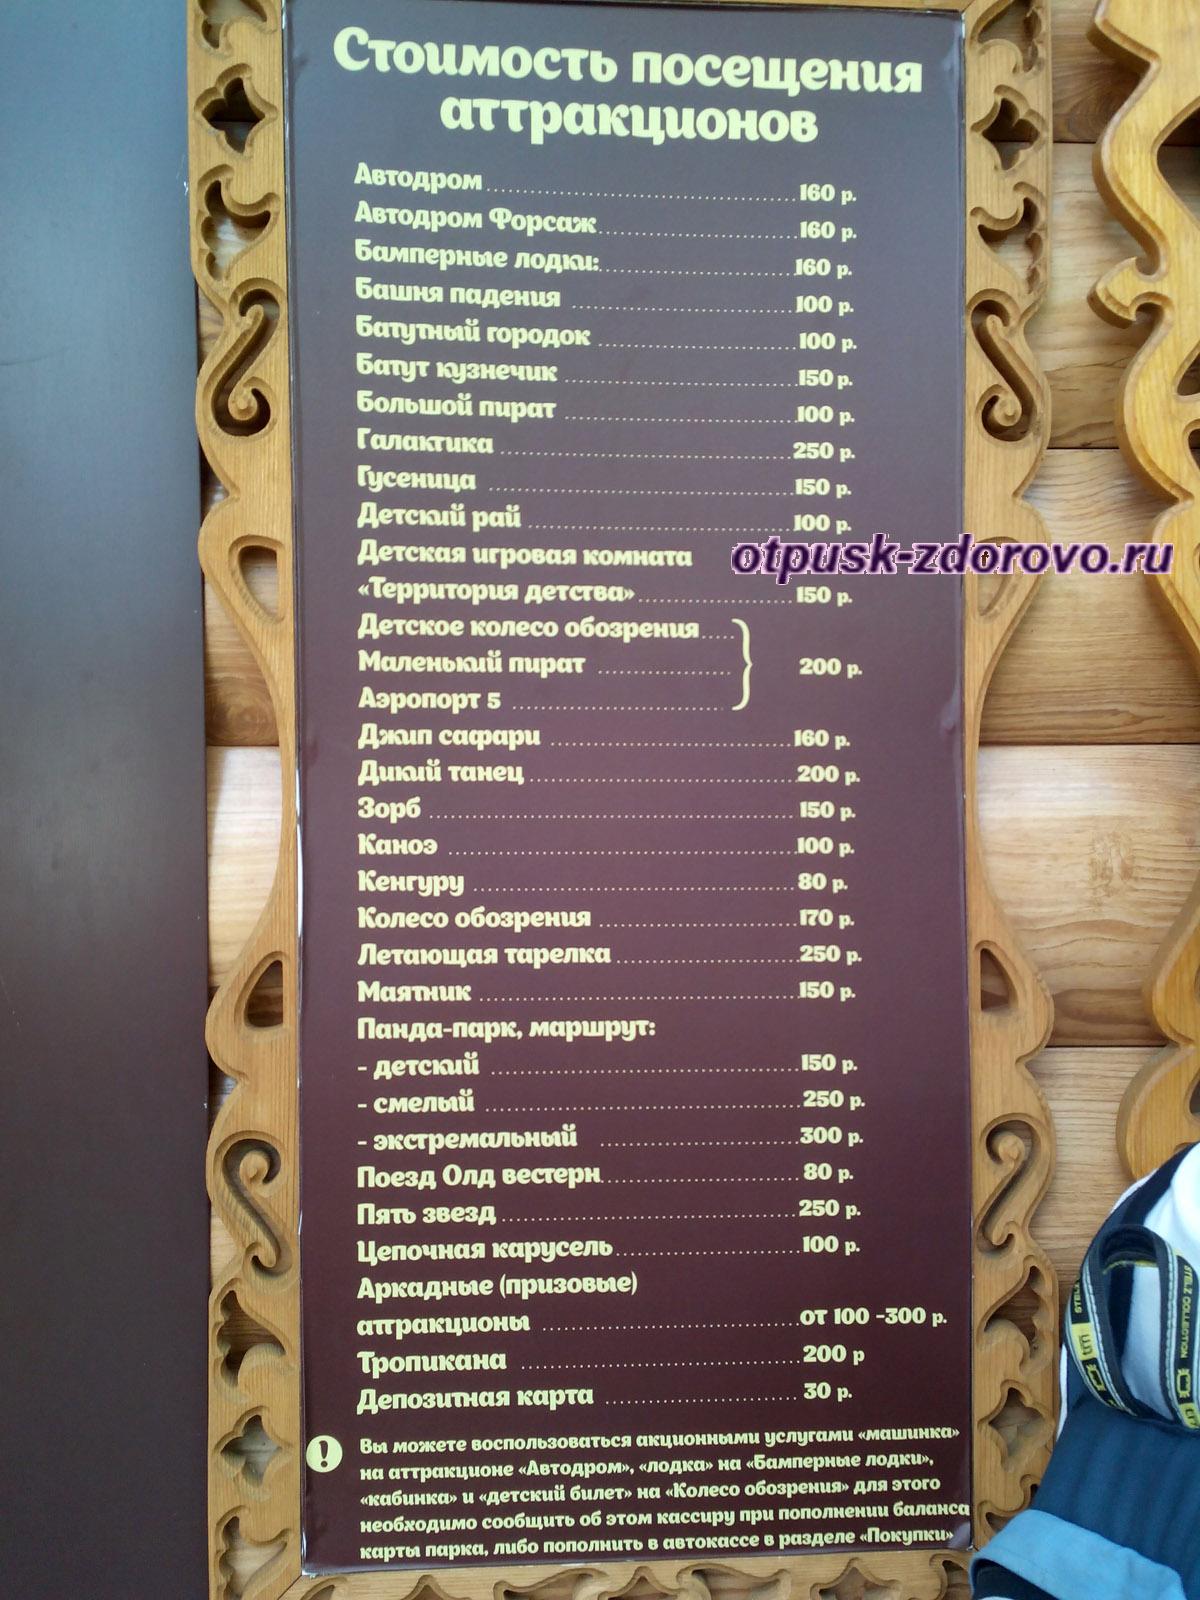 Цены на аттракционы в парке Кырлай, Казань